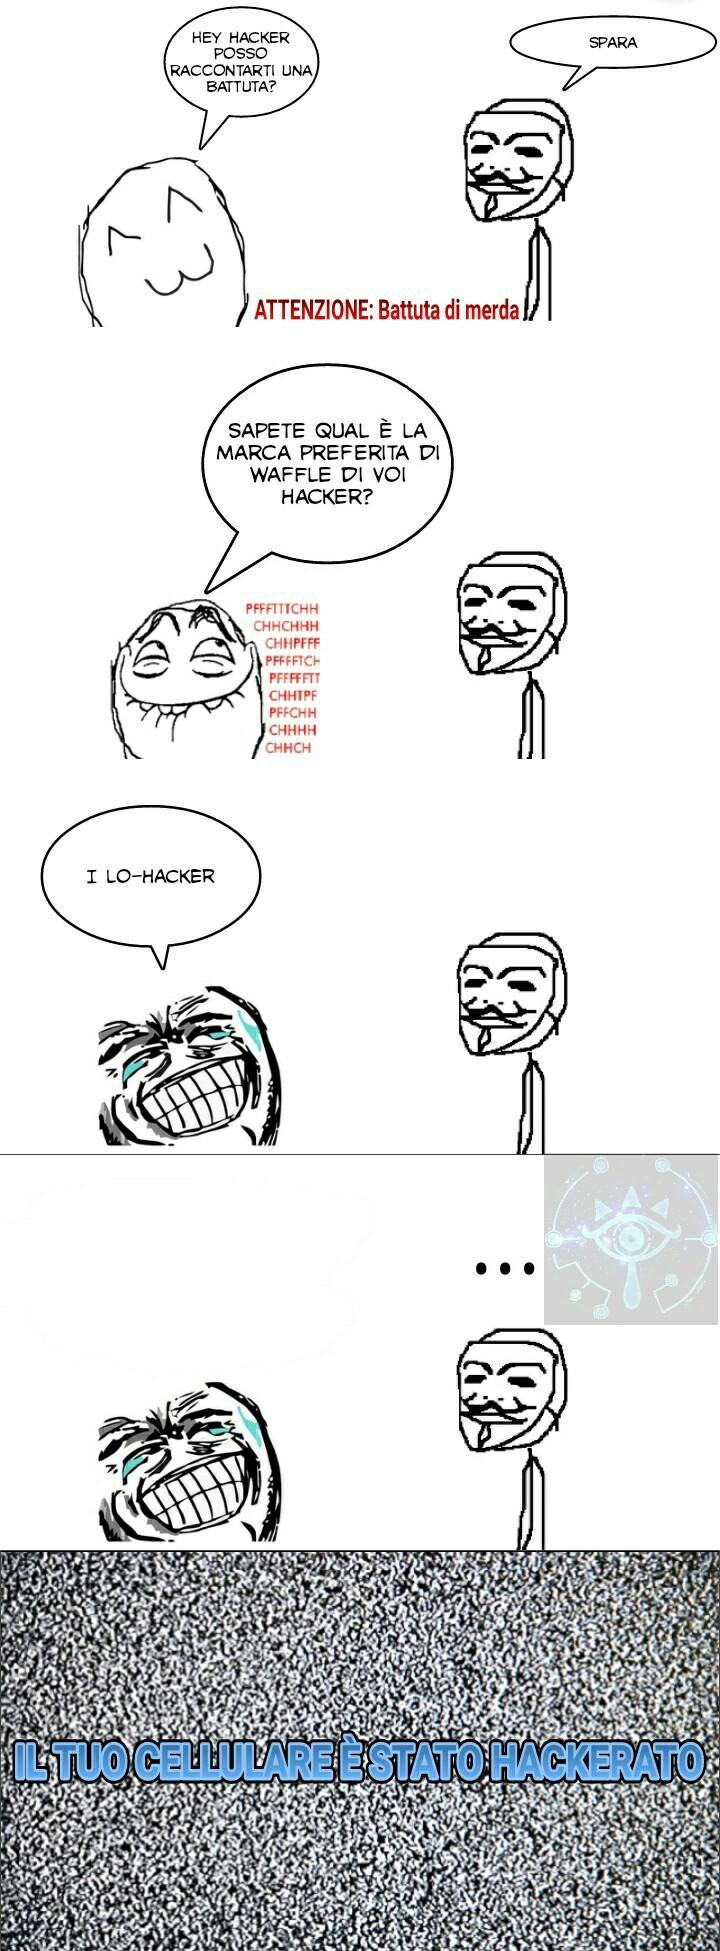 Cito Mattia2001 (lol) e -ItzDeny- - meme